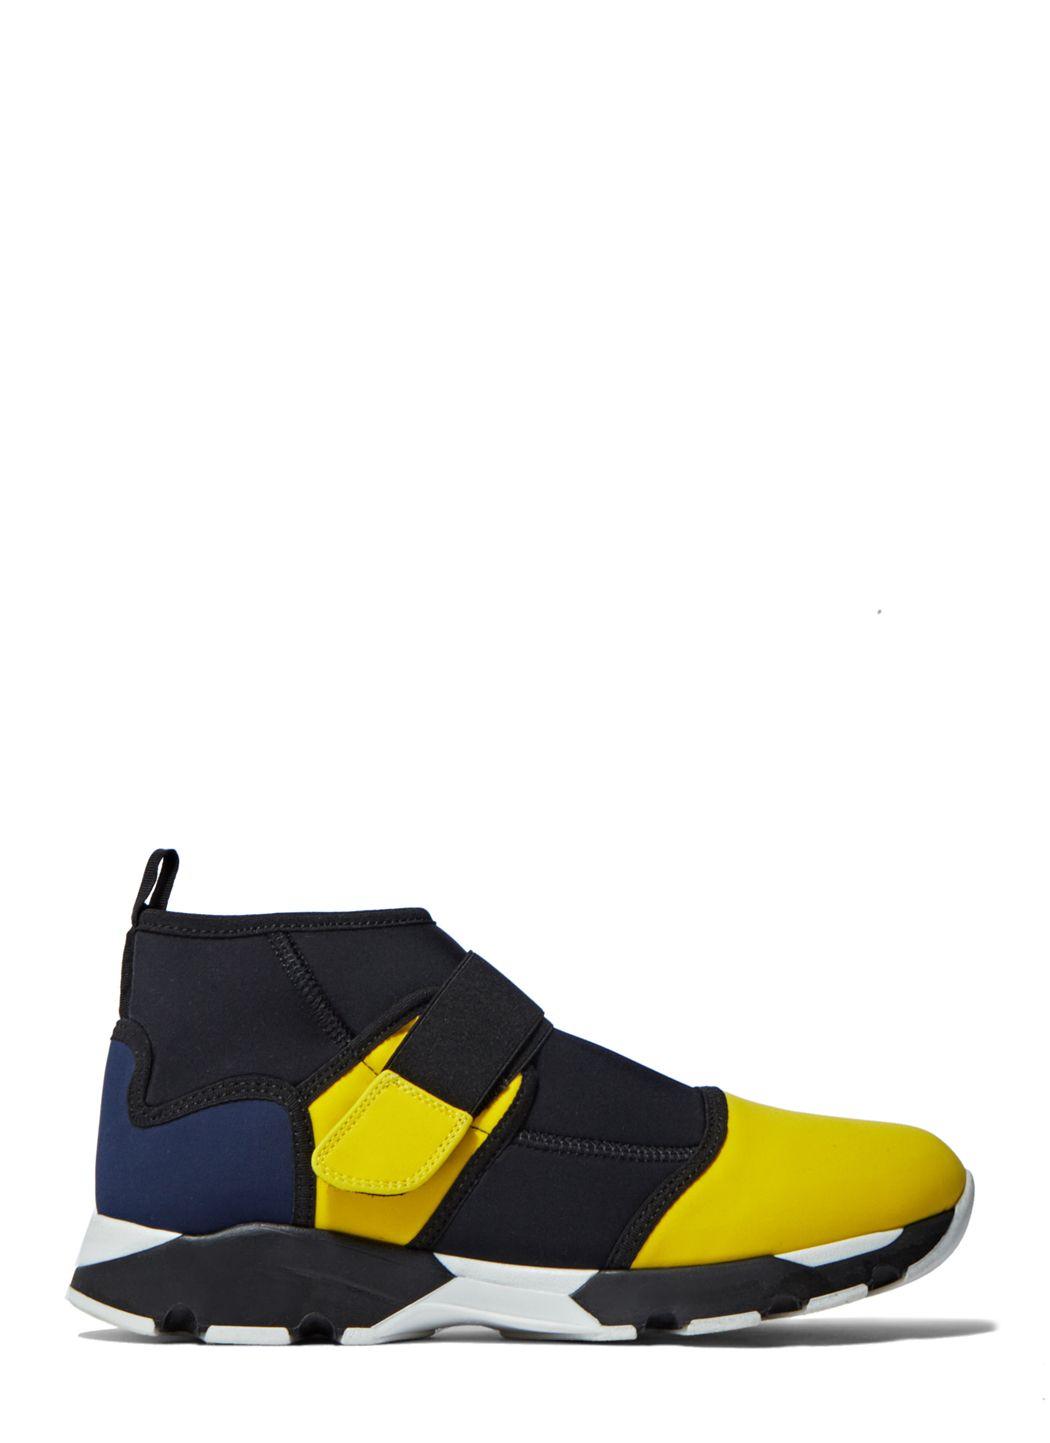 Marni Neoprene Shoe | LN-CC